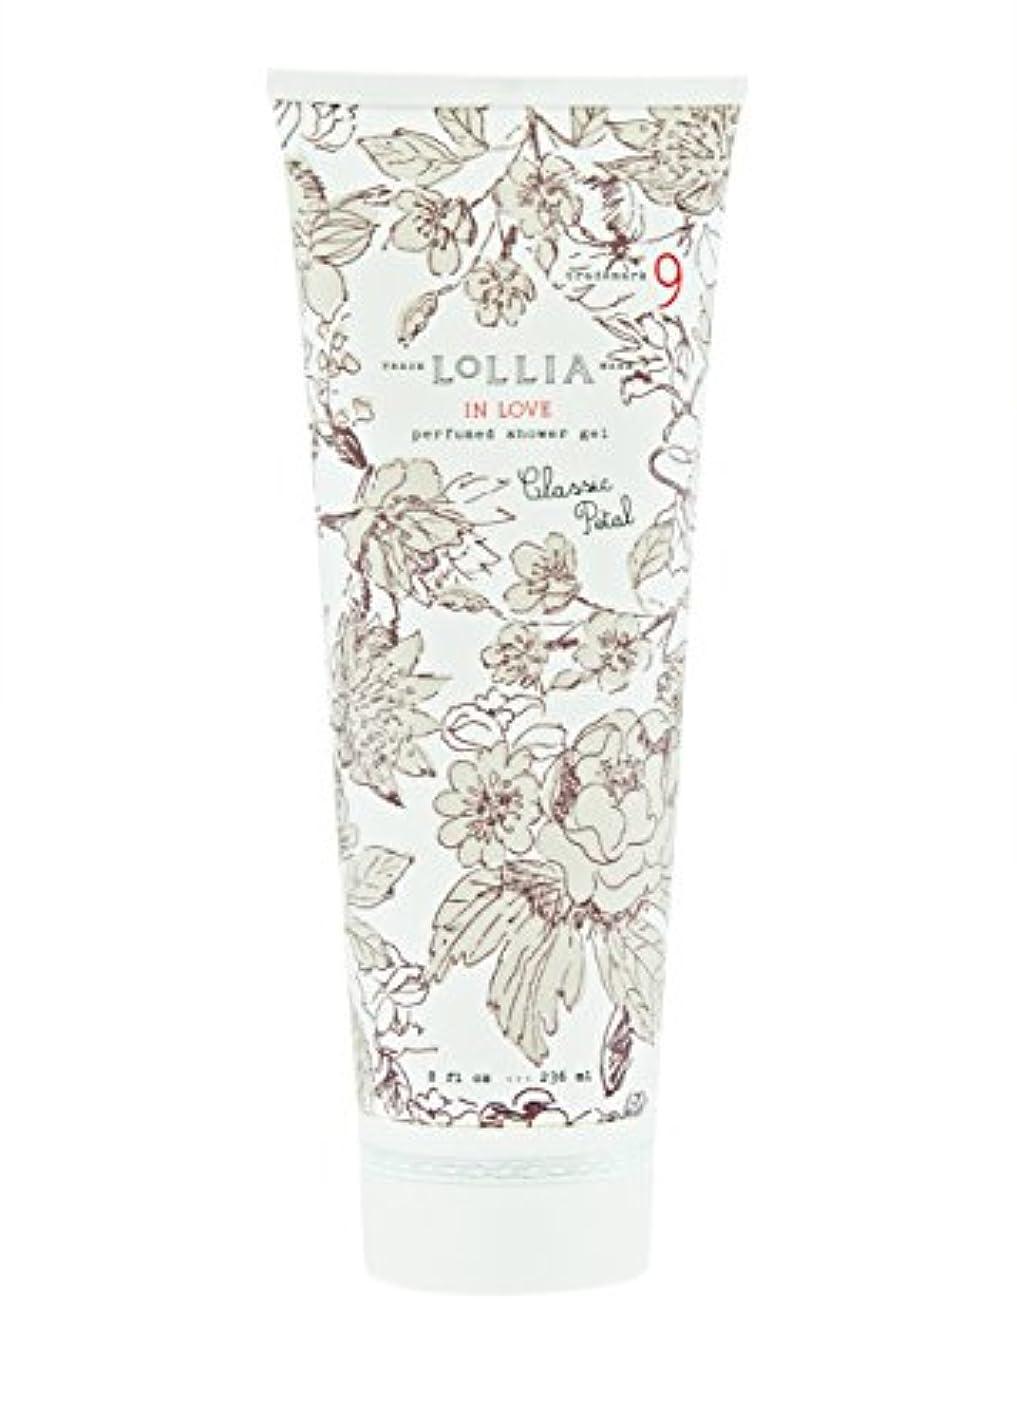 ビデオひばり剥離ロリア(LoLLIA) パフュームドシャワージェル InLove 236ml(全身用洗浄料 ボディーソープ アップルブロッサム、ジャスミン、ローズのフルーティで爽やかな香り)